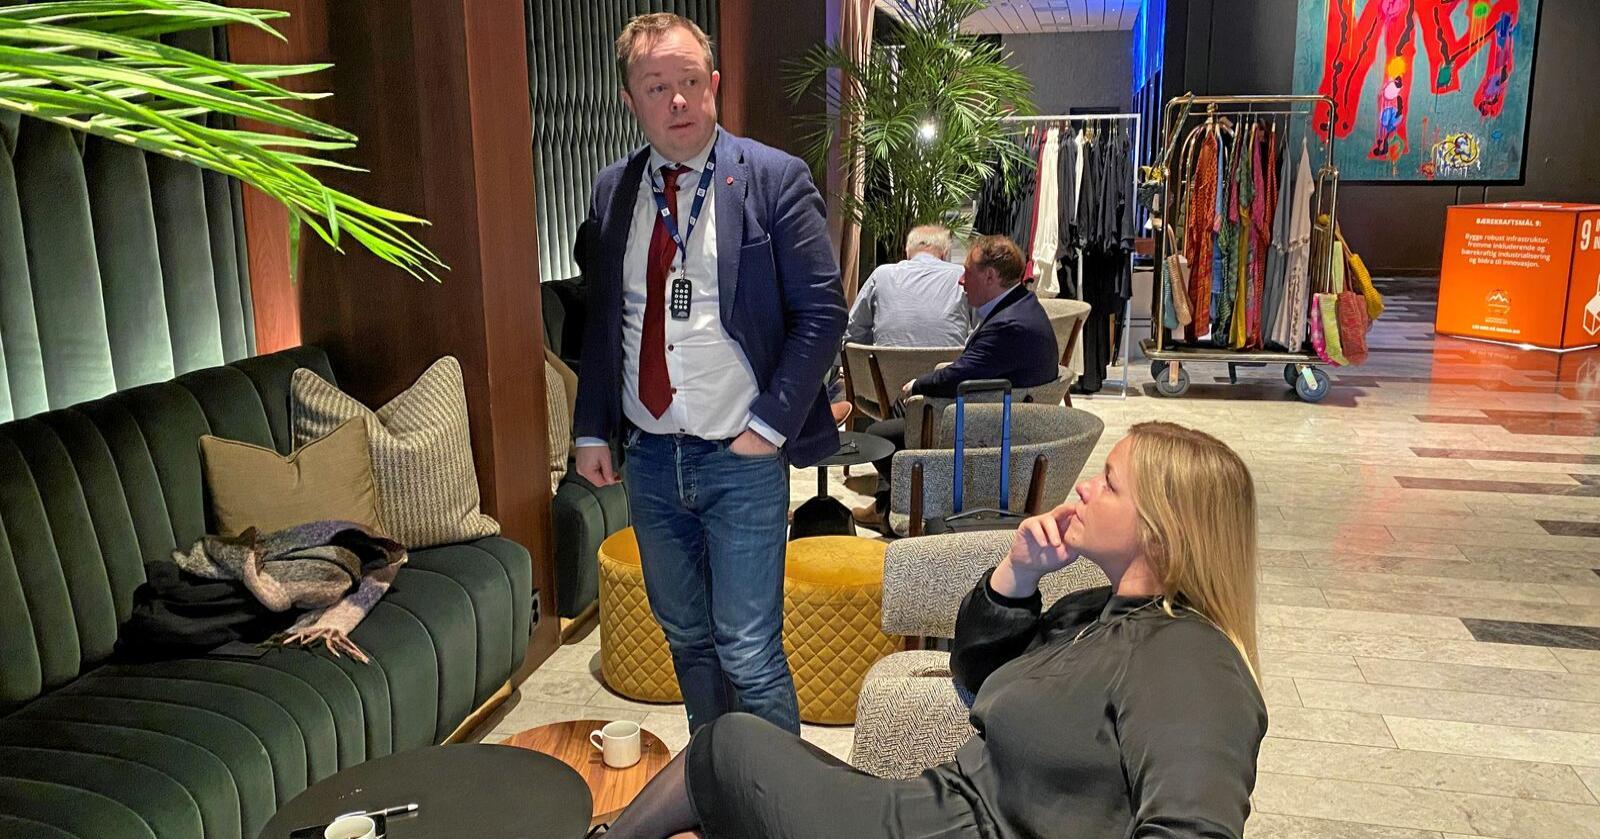 Porsgrunn-ordfører Robin Martin Kåss har ledet forhandingene i KS på vegne av Arbeiderpartiet. Han og partisekretær Kjersti Stenseng går nå kraftig ut mot Senterpartiet. Foto: Sivert Rossing